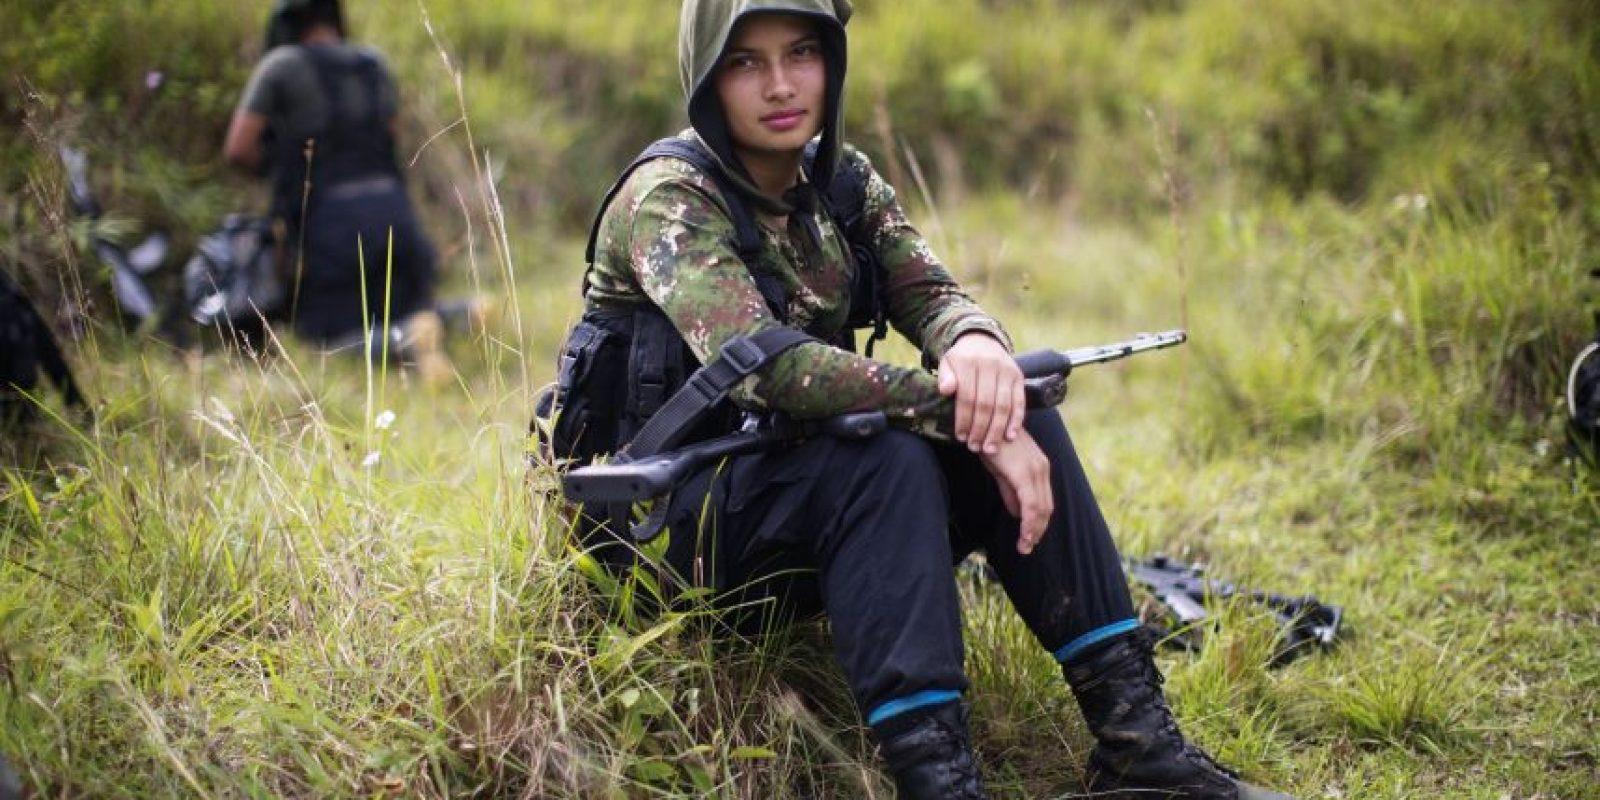 En esta imagen, tomada el 6 de enero de 2016, Juliana, una combatiente rebelde de 20 años del 36to frente de las Fuerzas Armadas Revolucionarias de Colombia, FARC, descansa tras un paseo por los Andes colombianos, en el estado de Antioquía. Foto:AP/ Rodrigo Abd